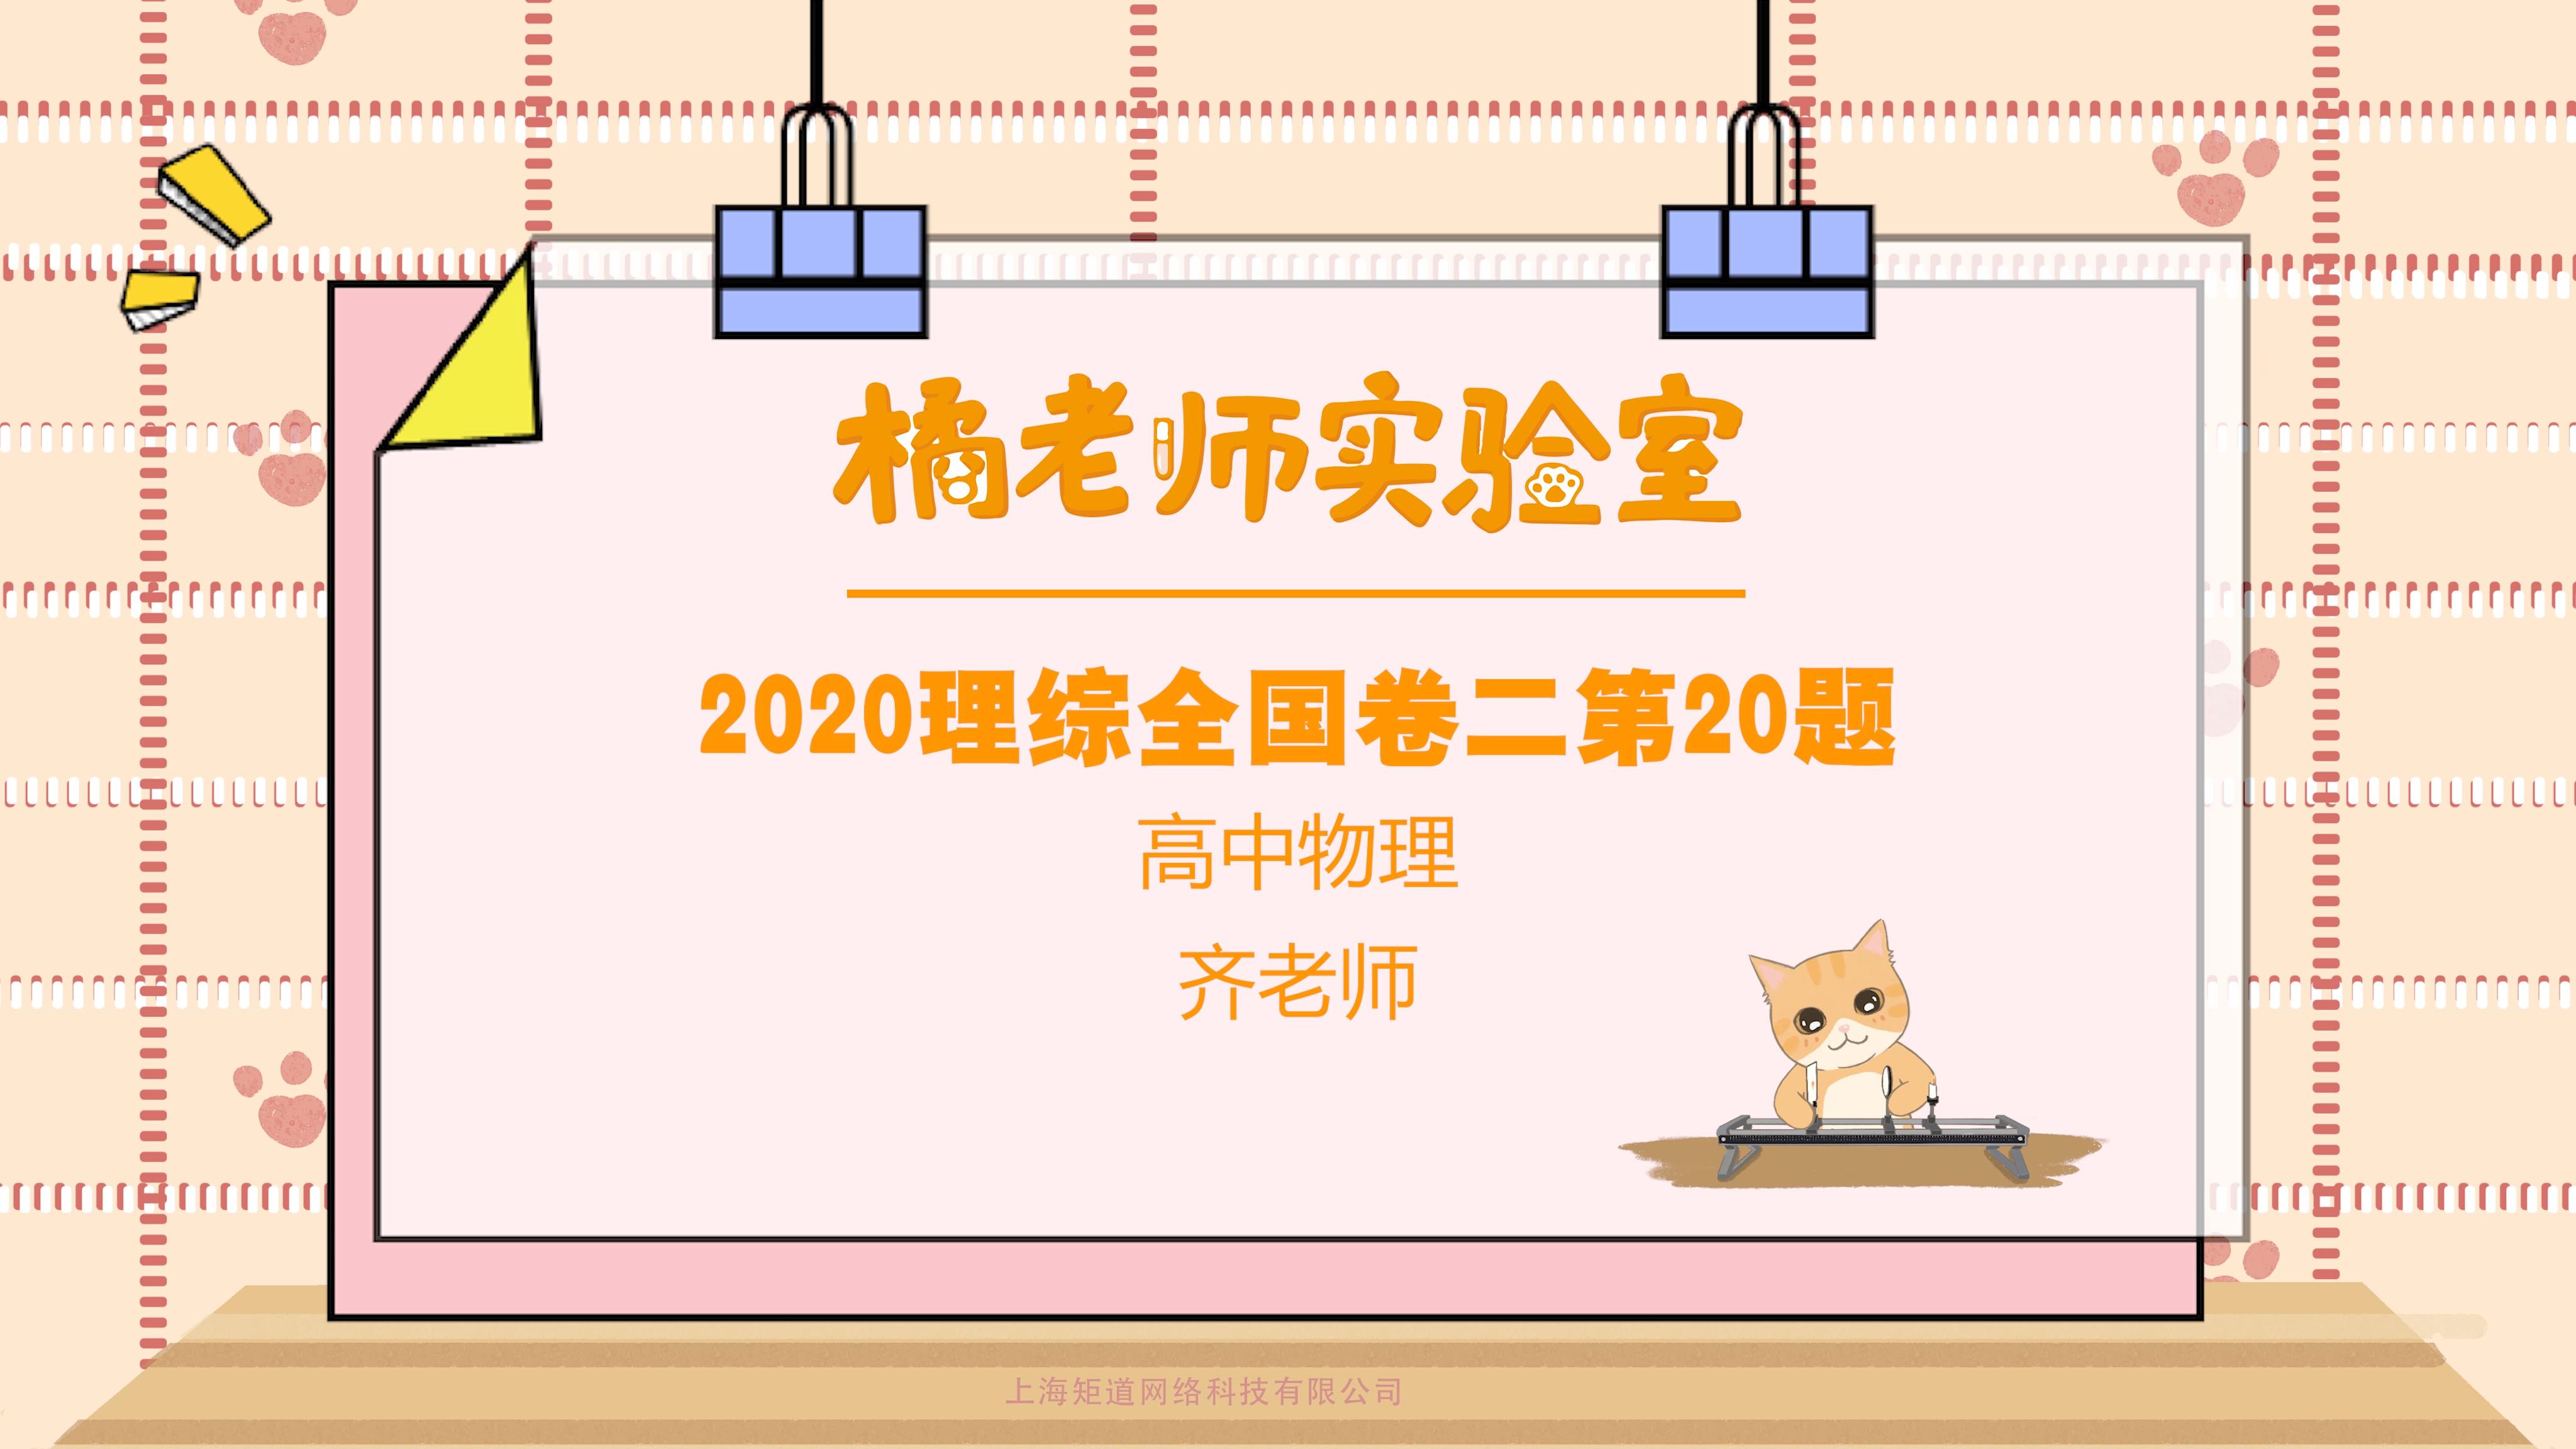 第一百九十九期:《2020理综全国卷二第20题》